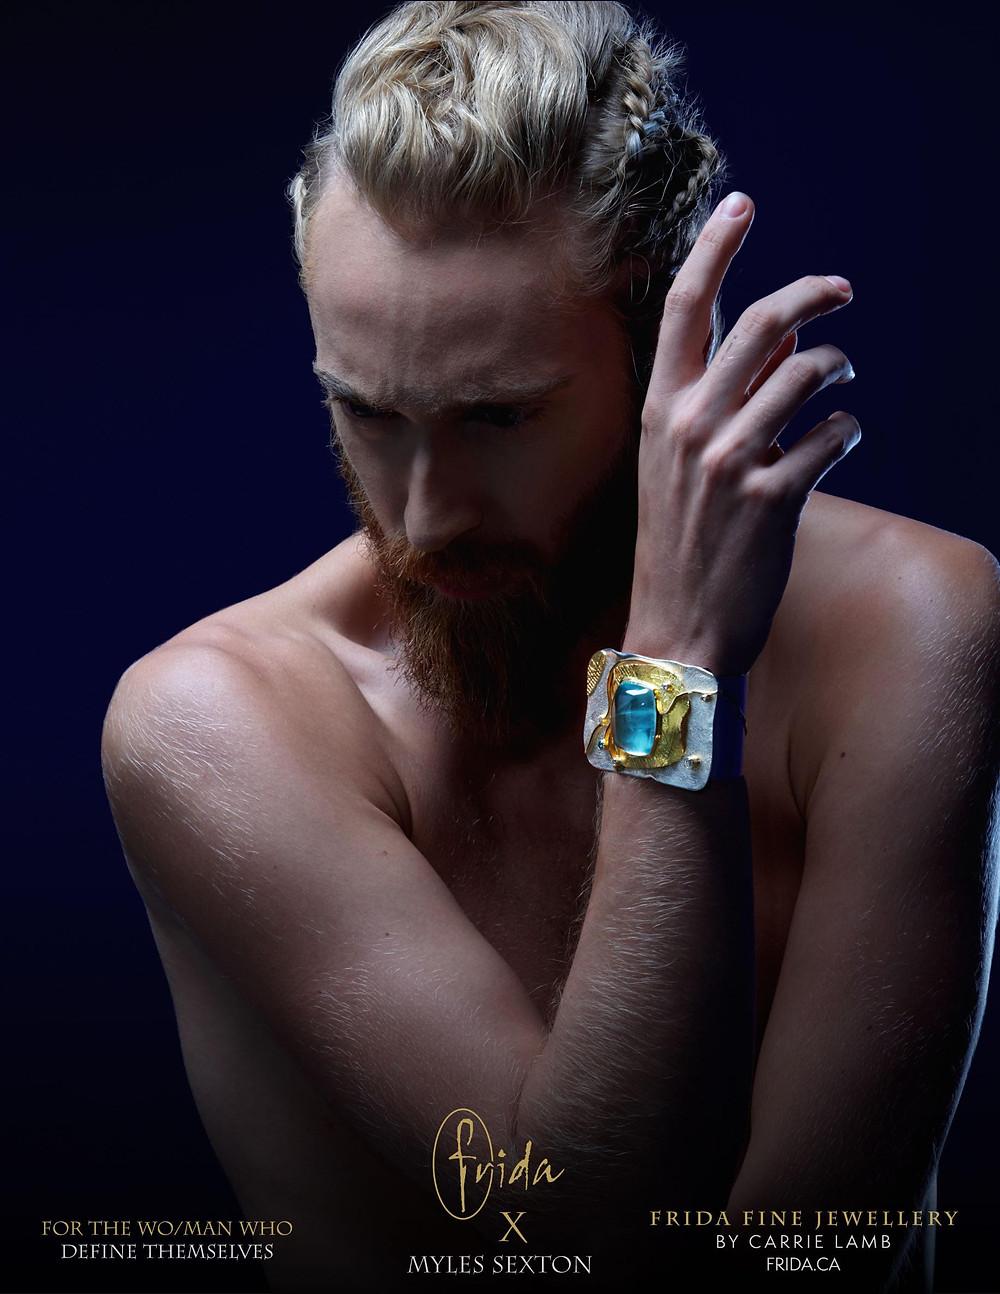 frida-fine-jewelry